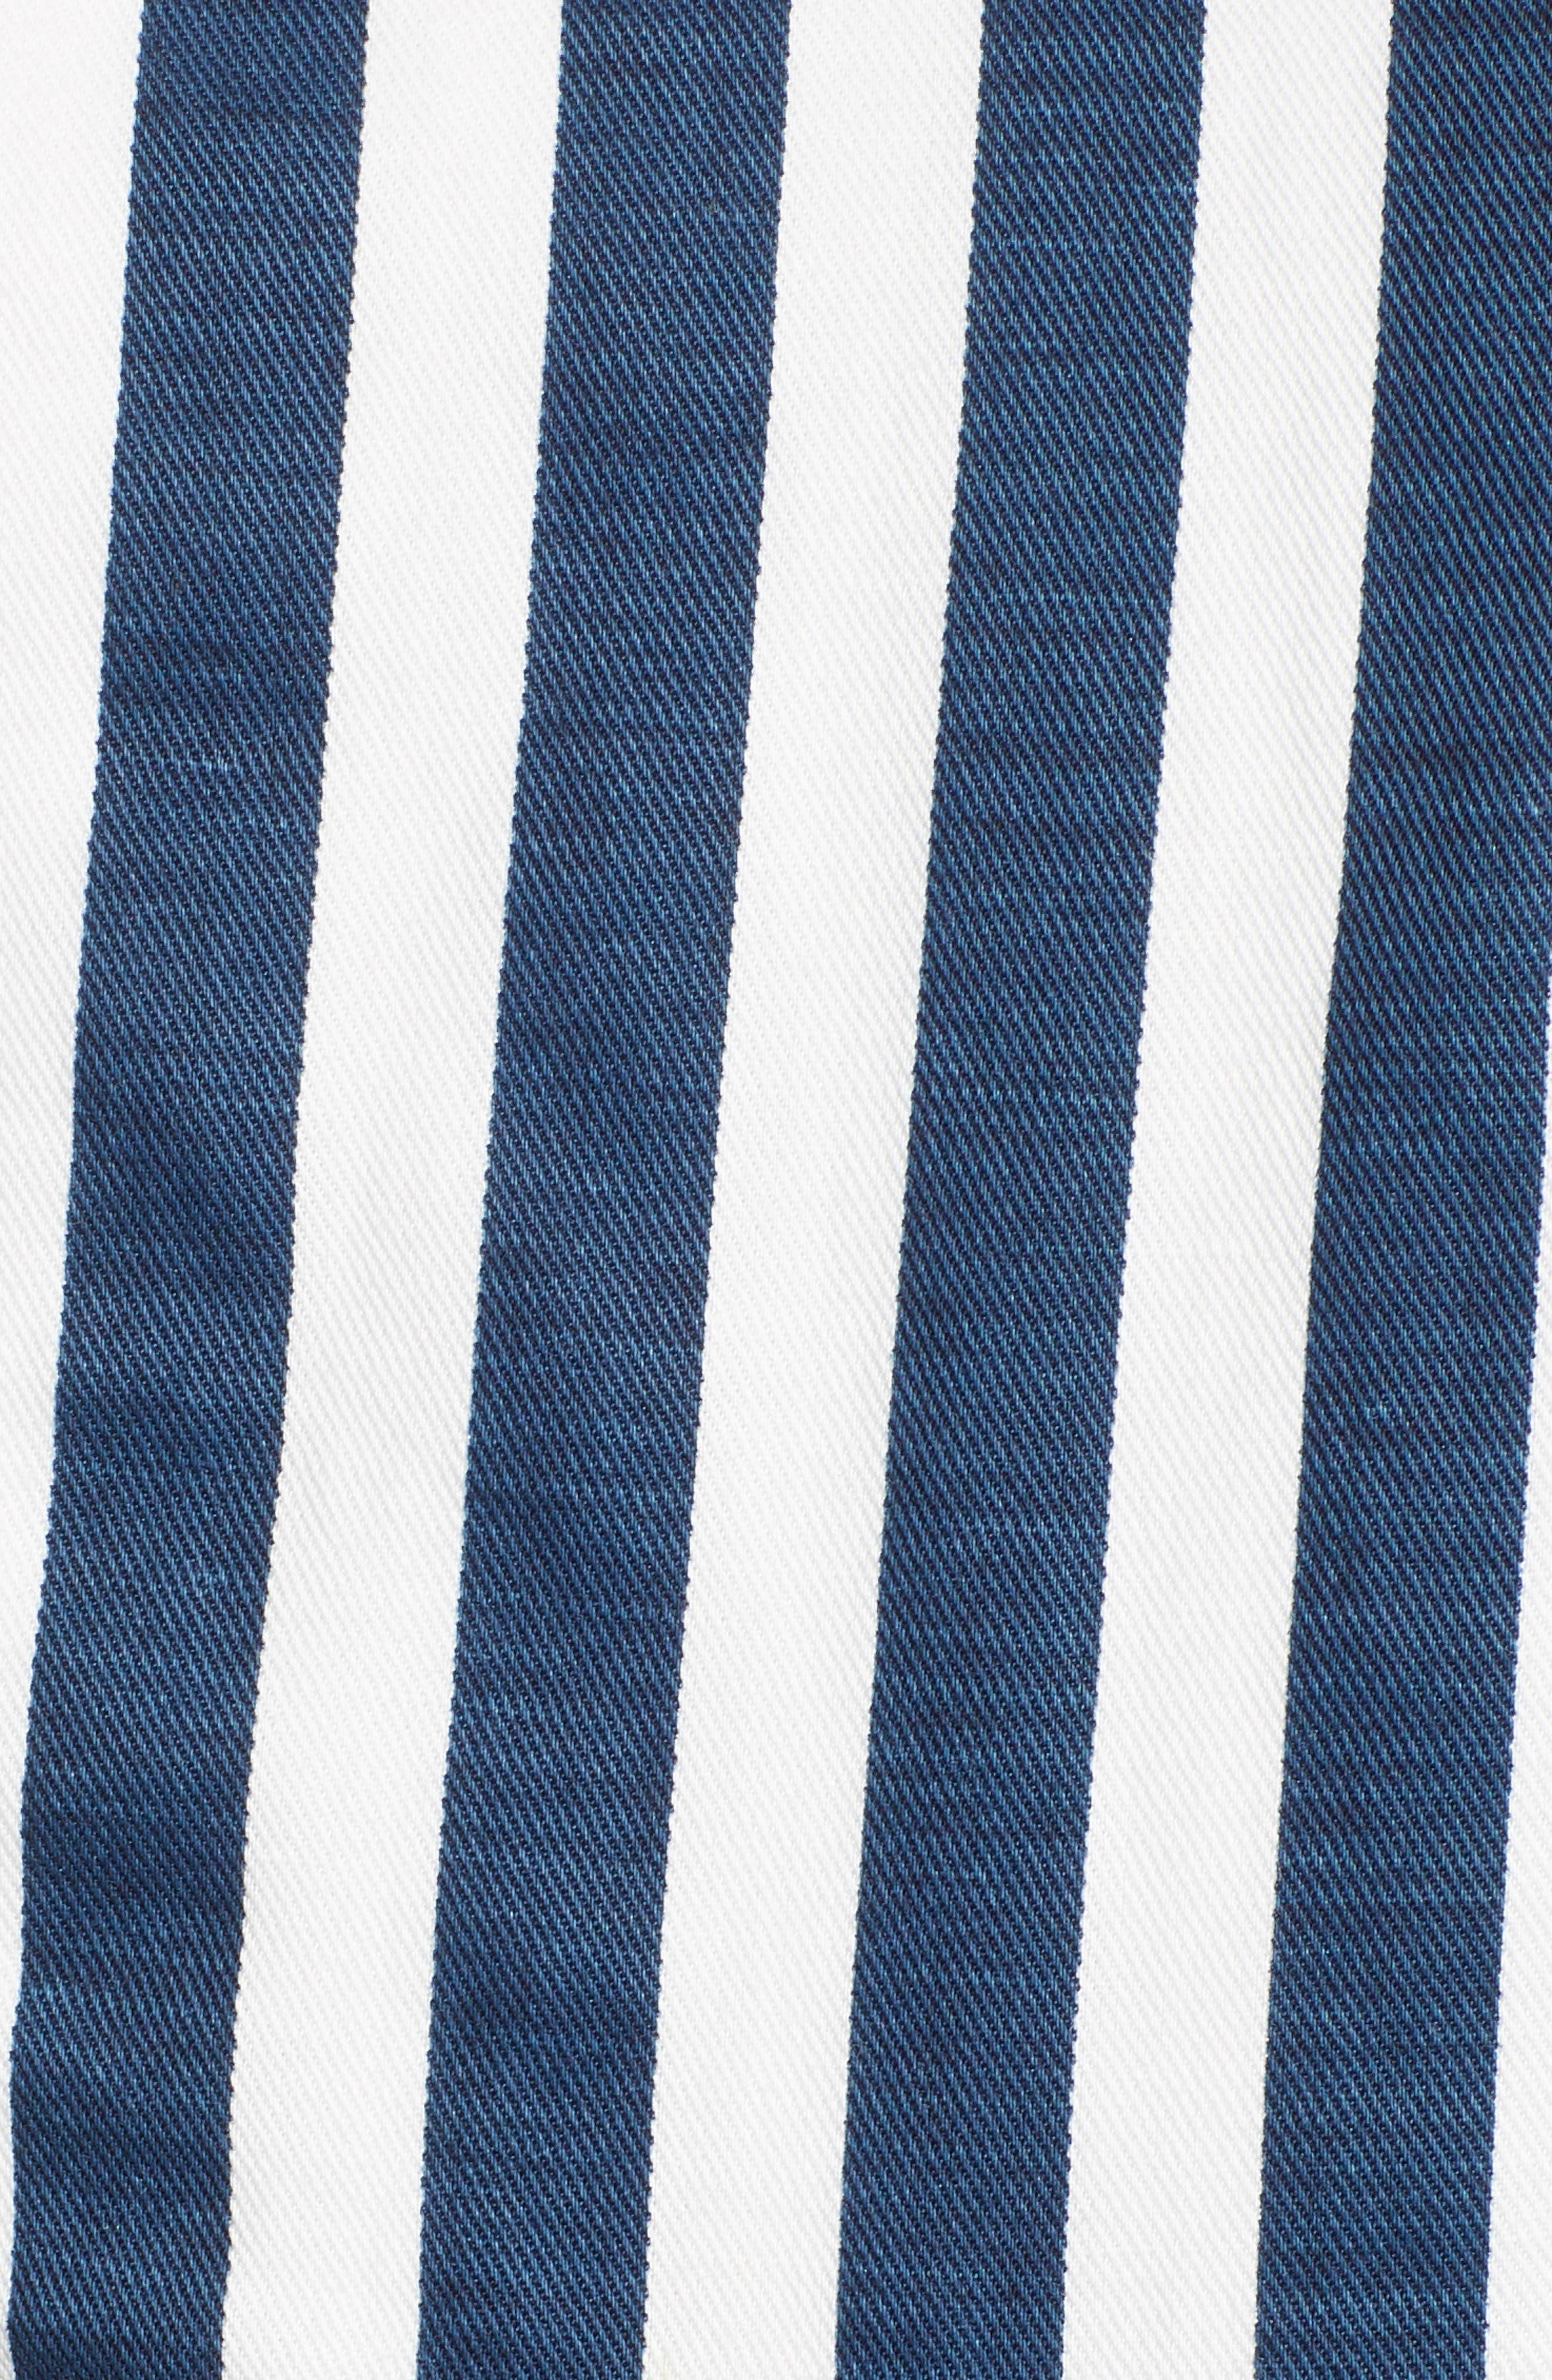 MOTHER, The Cut It Out Stripe Jumpsuit, Alternate thumbnail 6, color, 110